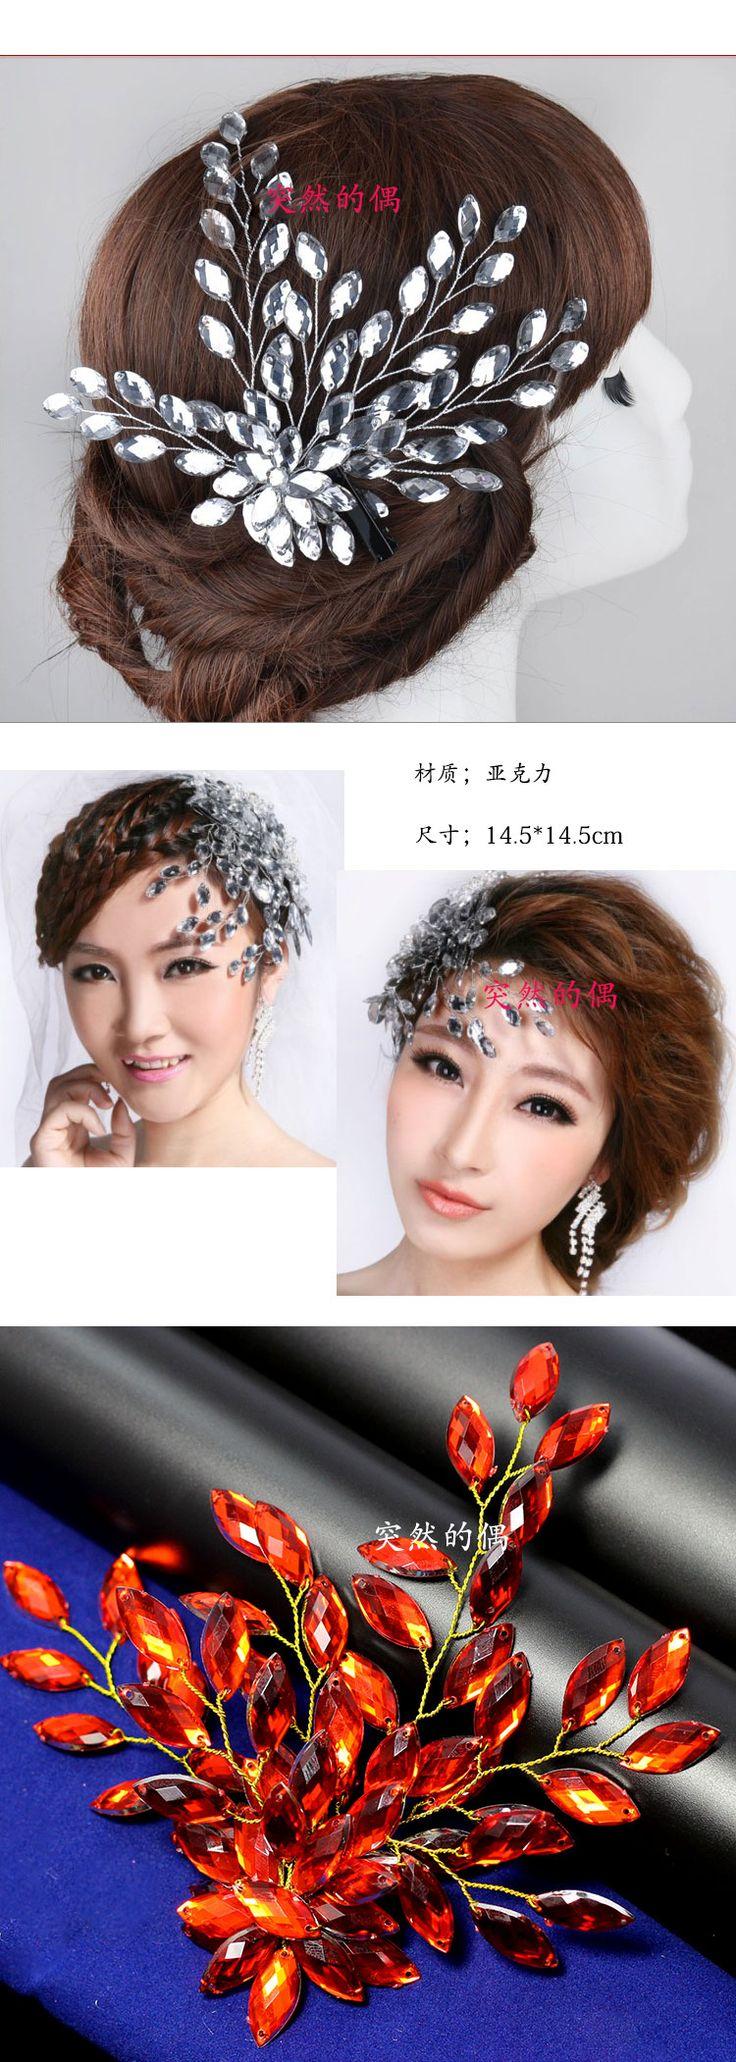 Корейский голову цветок свадебный головной убор Бесплатная доставка ручной работы из бисера кристалл короткие волосы аксессуары для волос свадебный свадебные аксессуары повязка на лбу жемчужина - Taobao